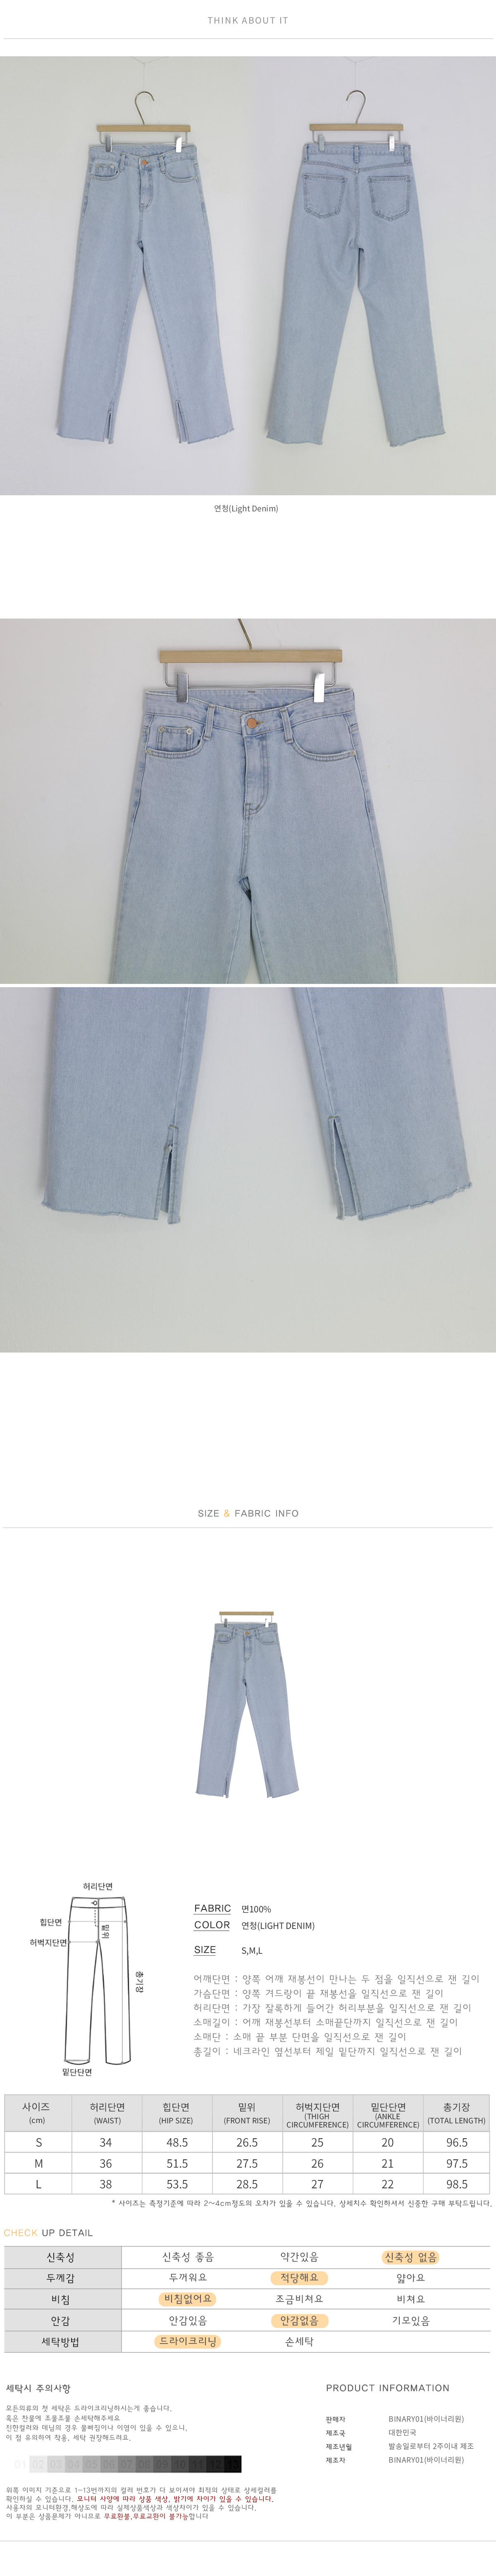 Wide Top Payden Denim Pants